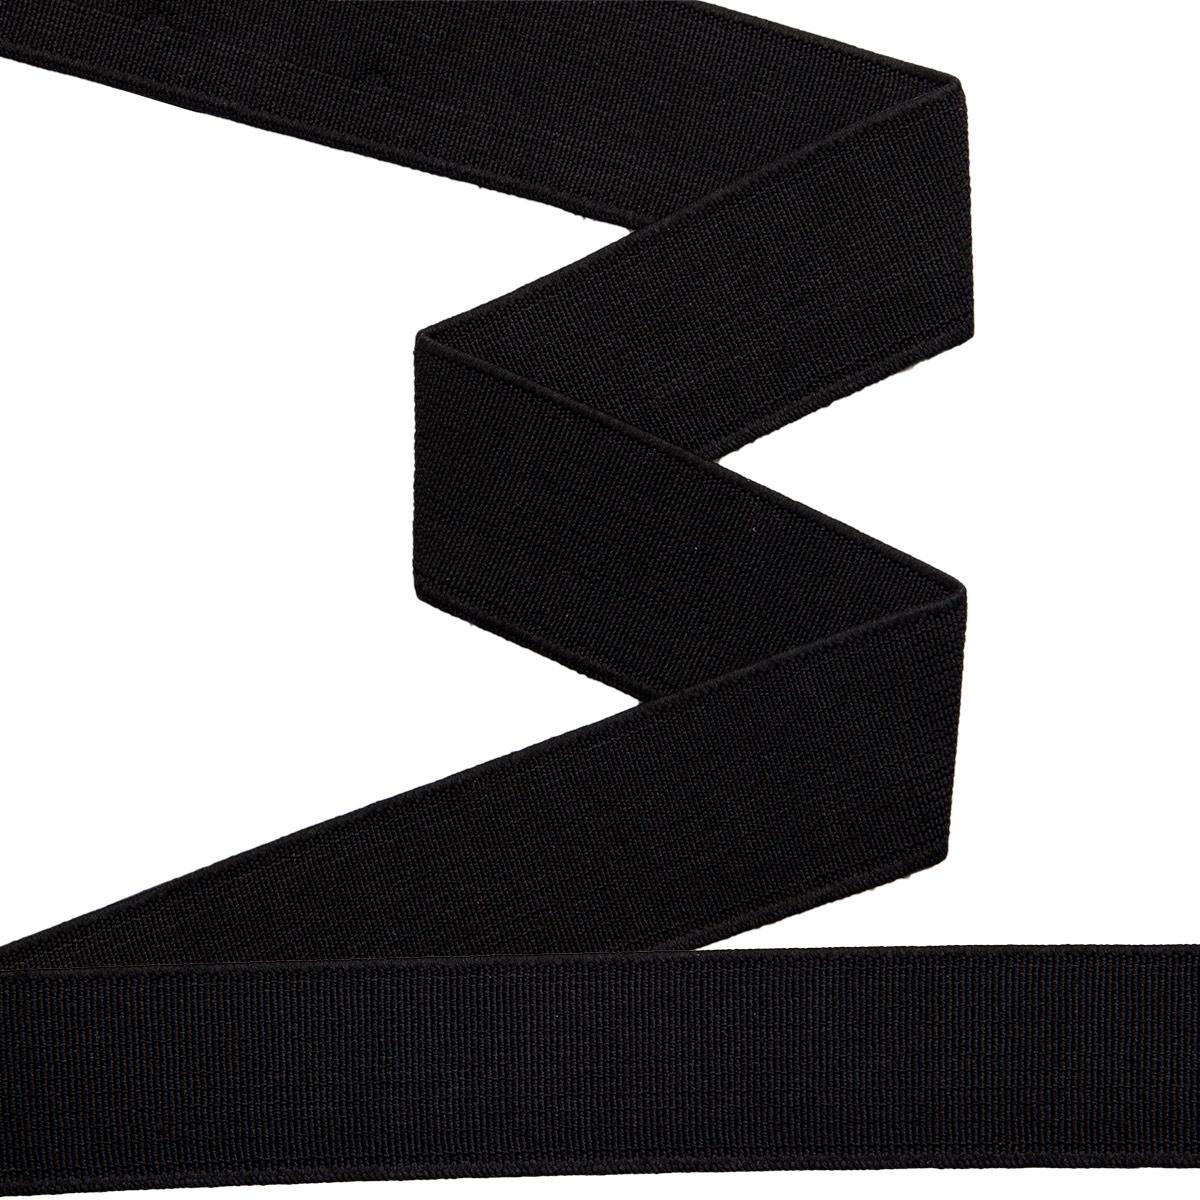 955241 Прочная эластичная лента 25 мм черный цв. *10м. Prym